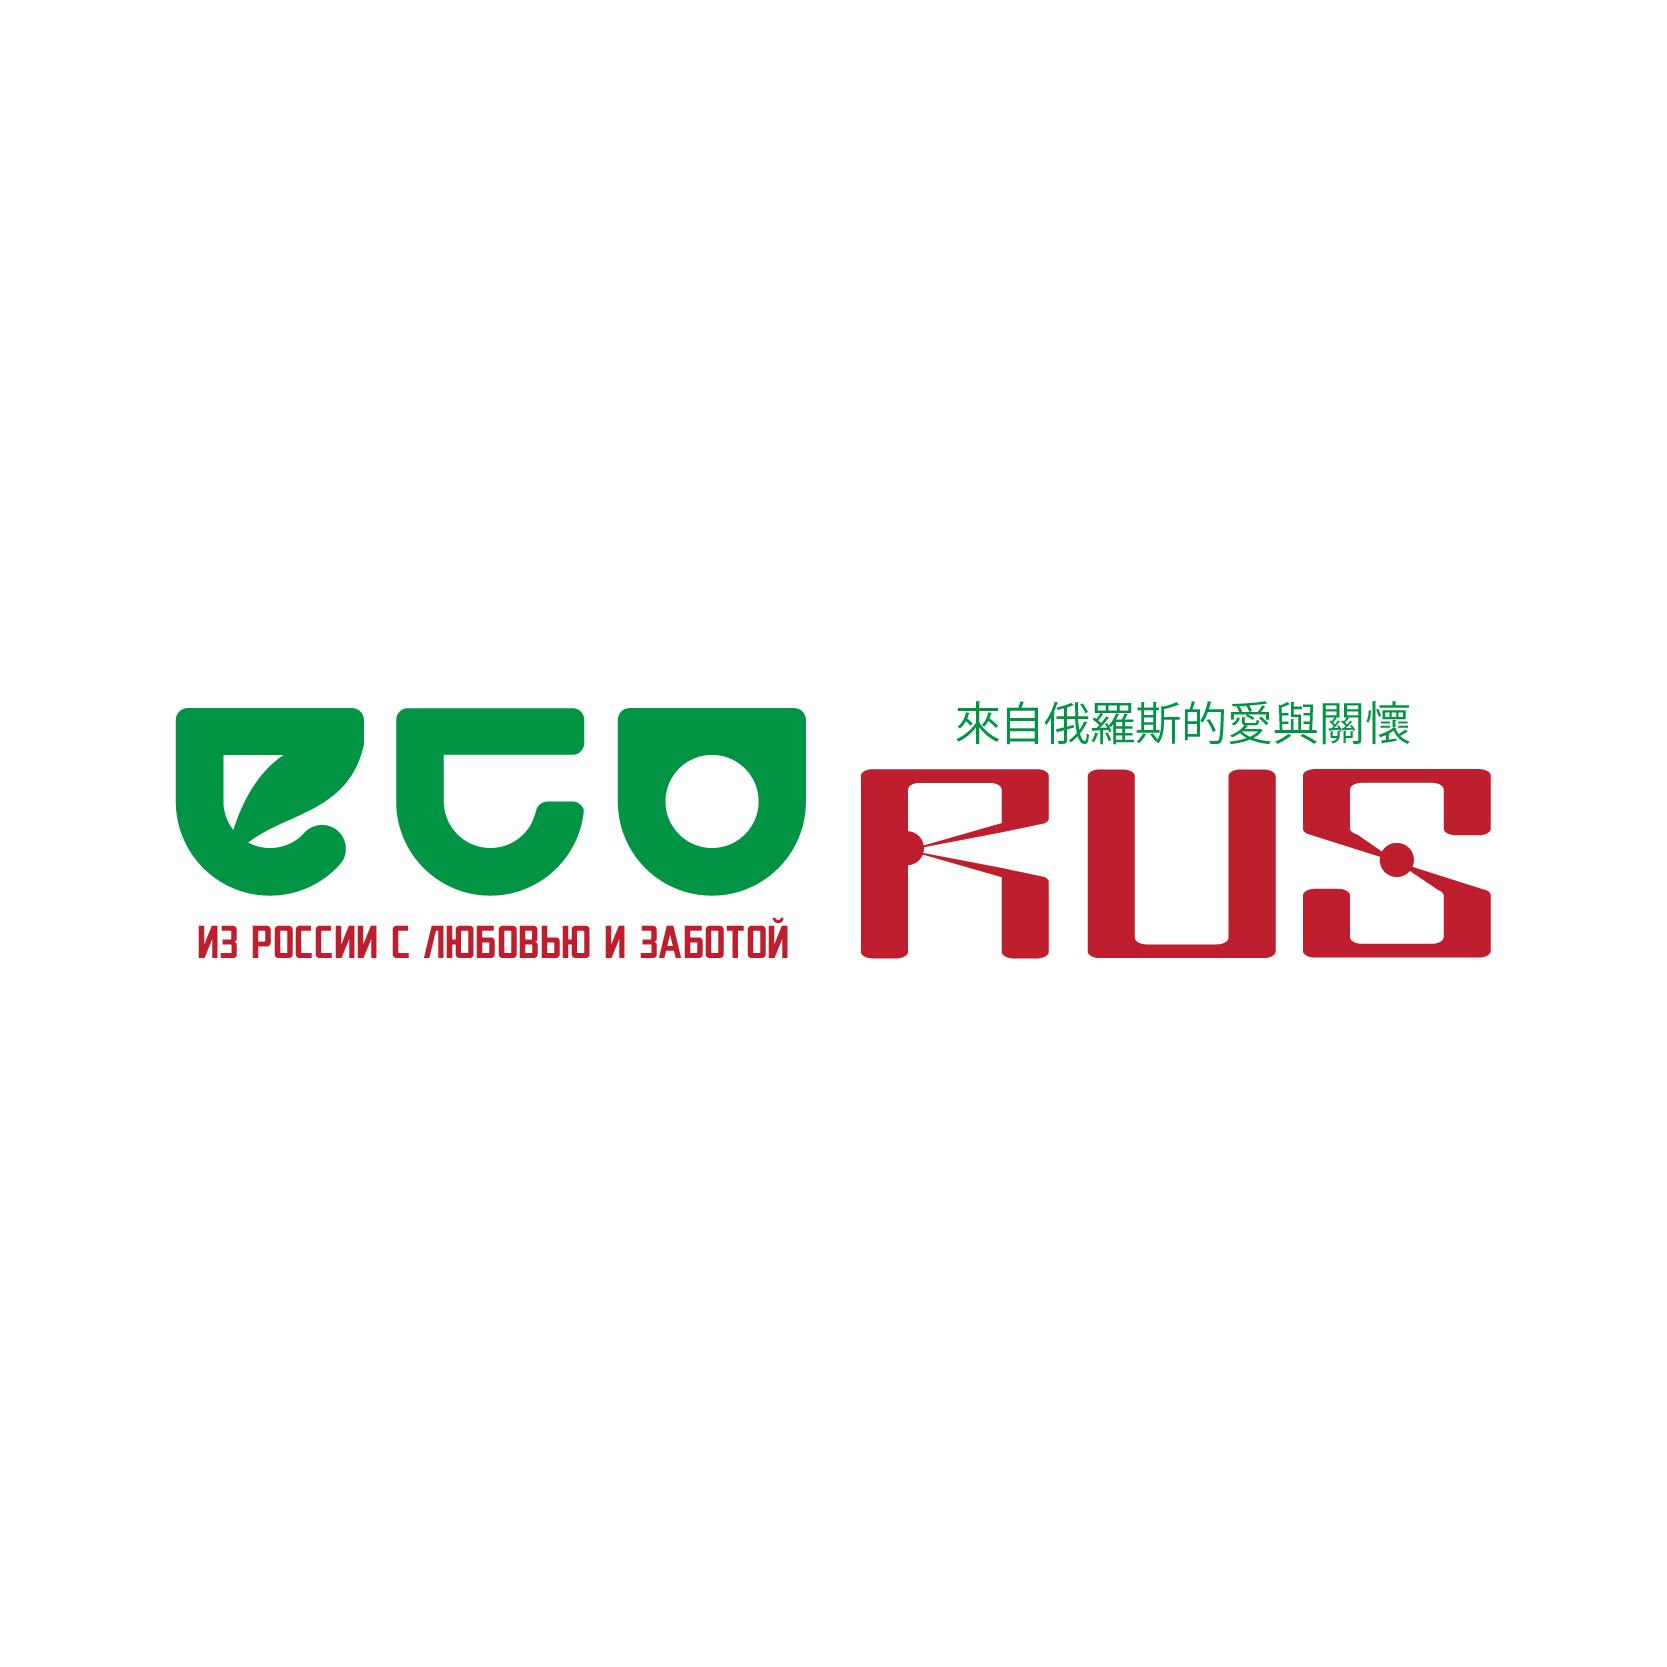 Логотип для поставщика продуктов питания из России в Китай фото f_9725ebd62584eb6f.jpg